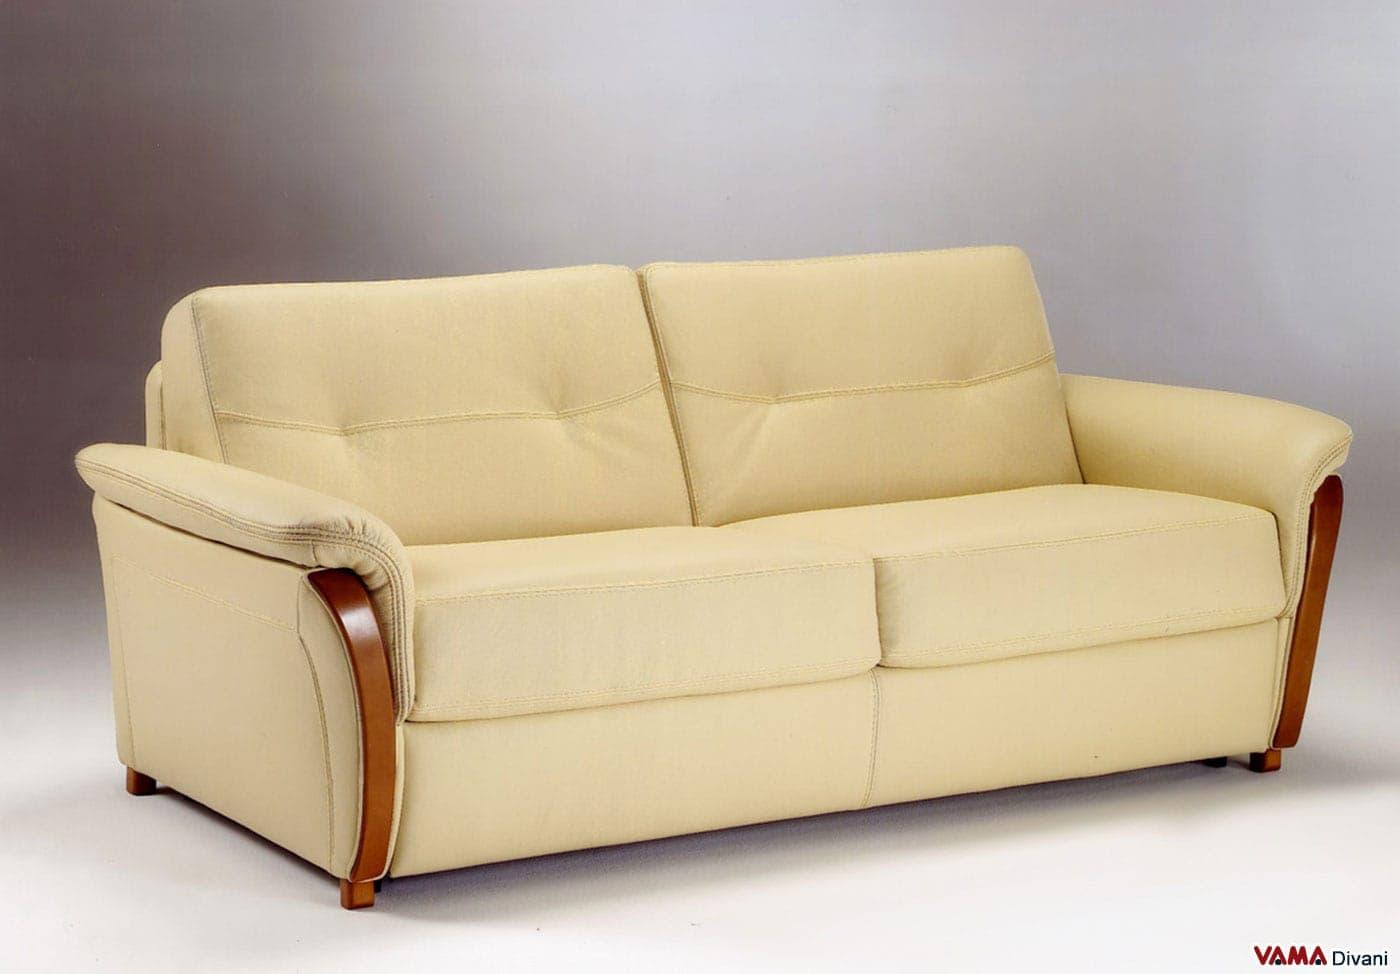 Divano letto matrimoniale in pelle con legno nei braccioli - Letto a divano ...